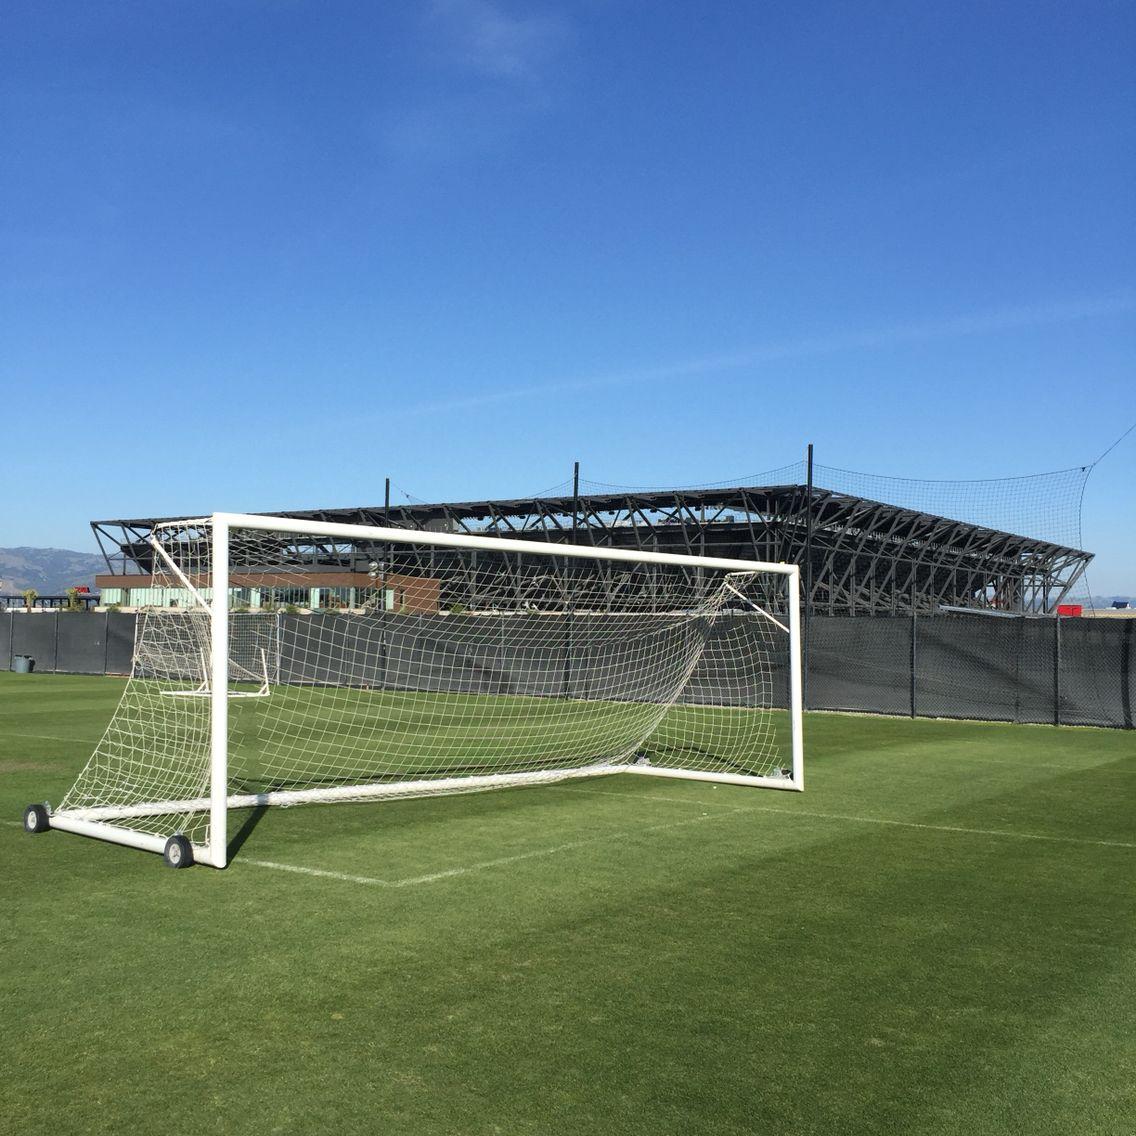 Earthquakes training pitch, Avaya Stadium in background